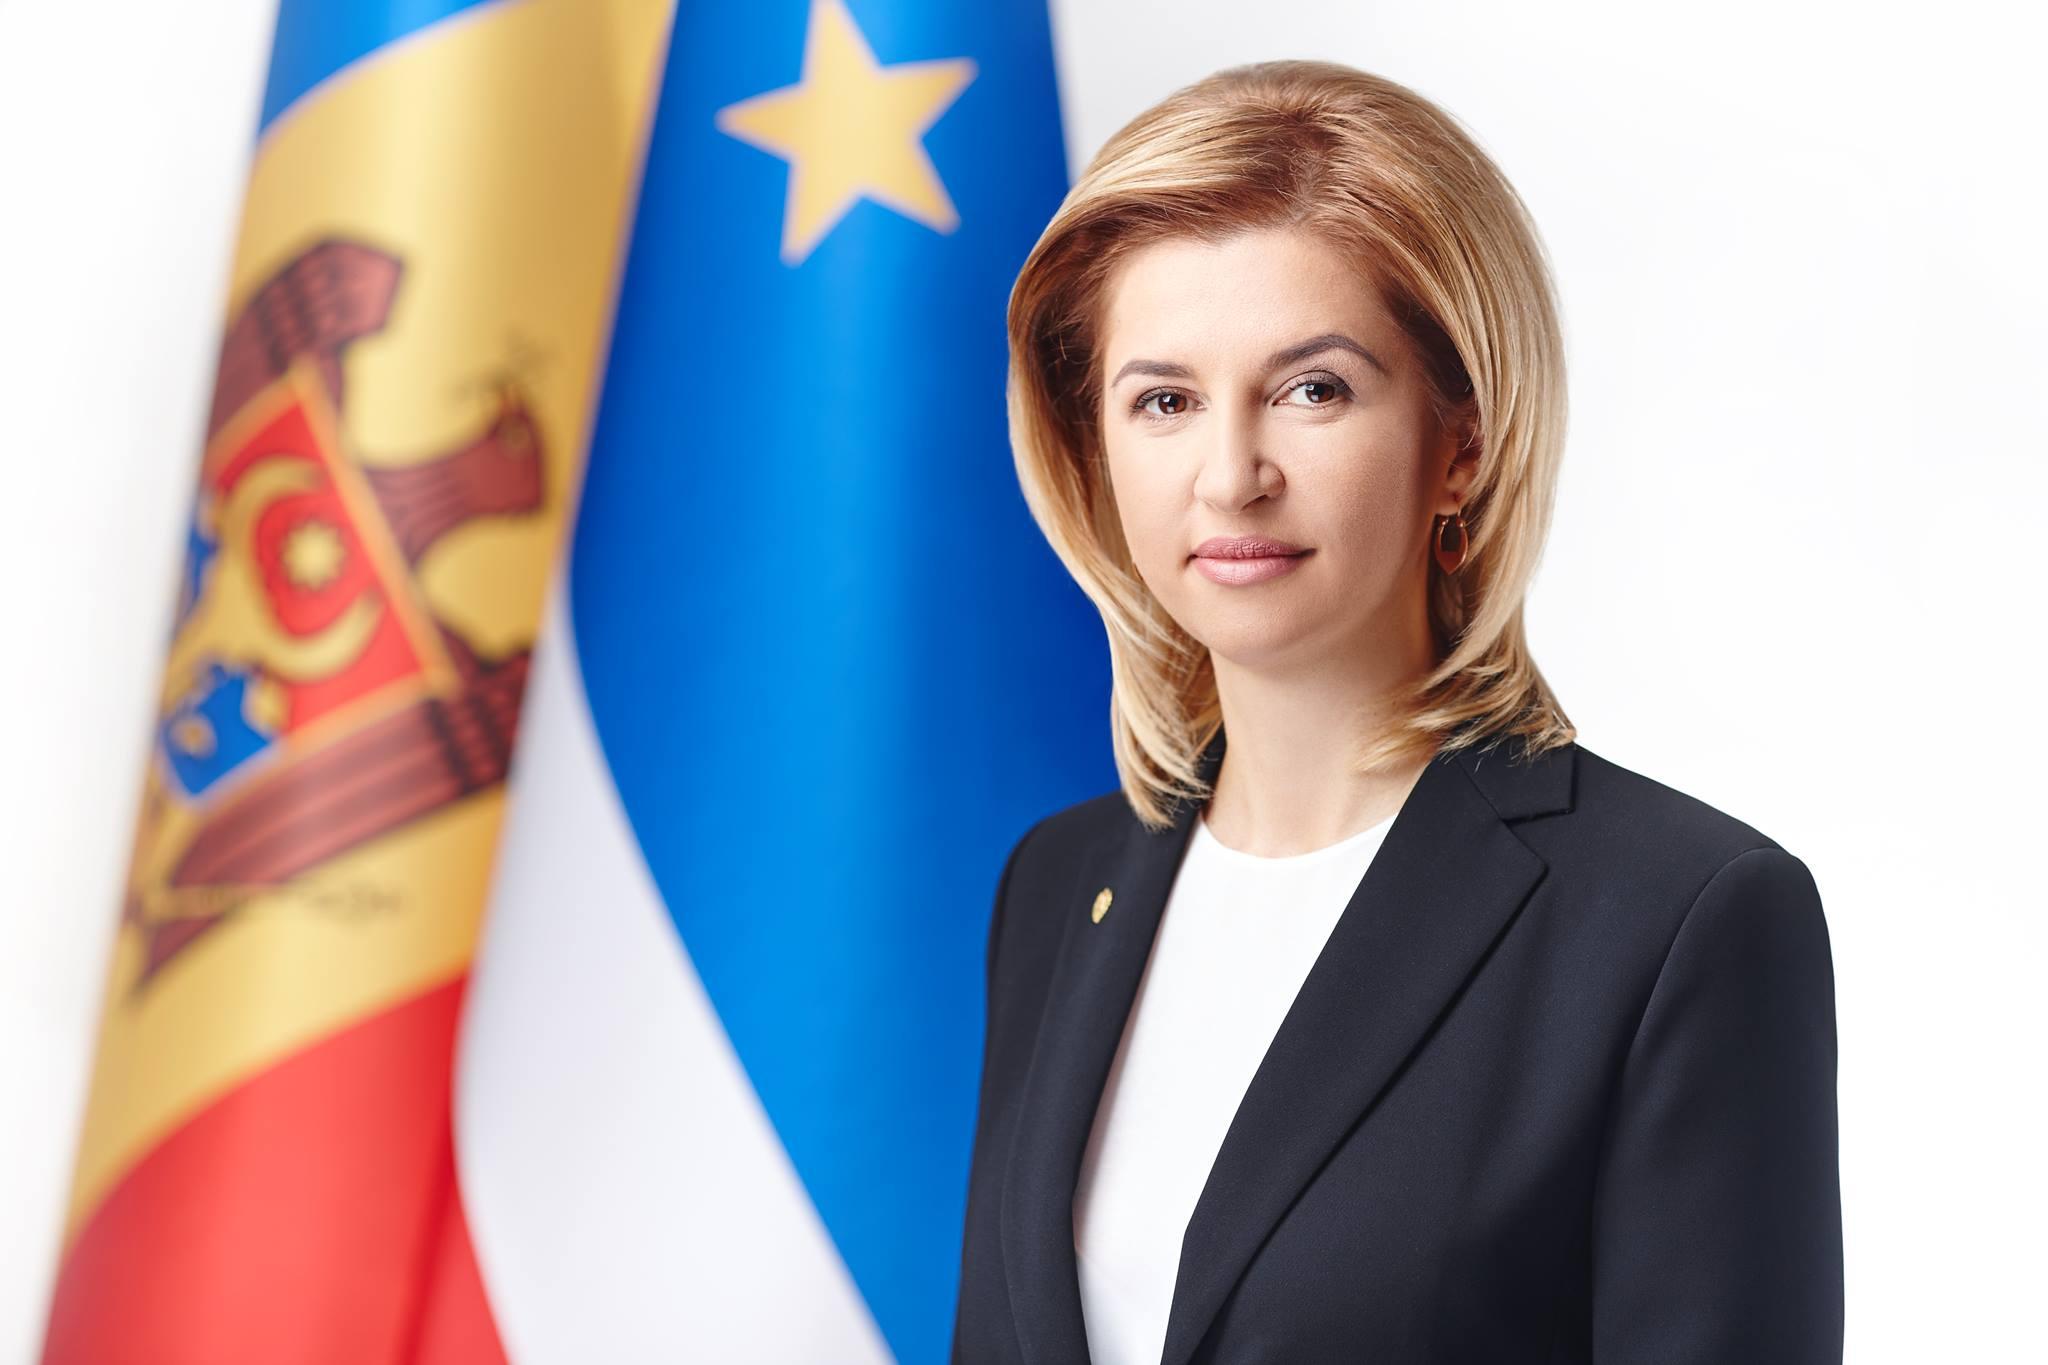 Политика налаживания более тесных связей с Россией может стать «спасительным якорем» для всей Молдовы.